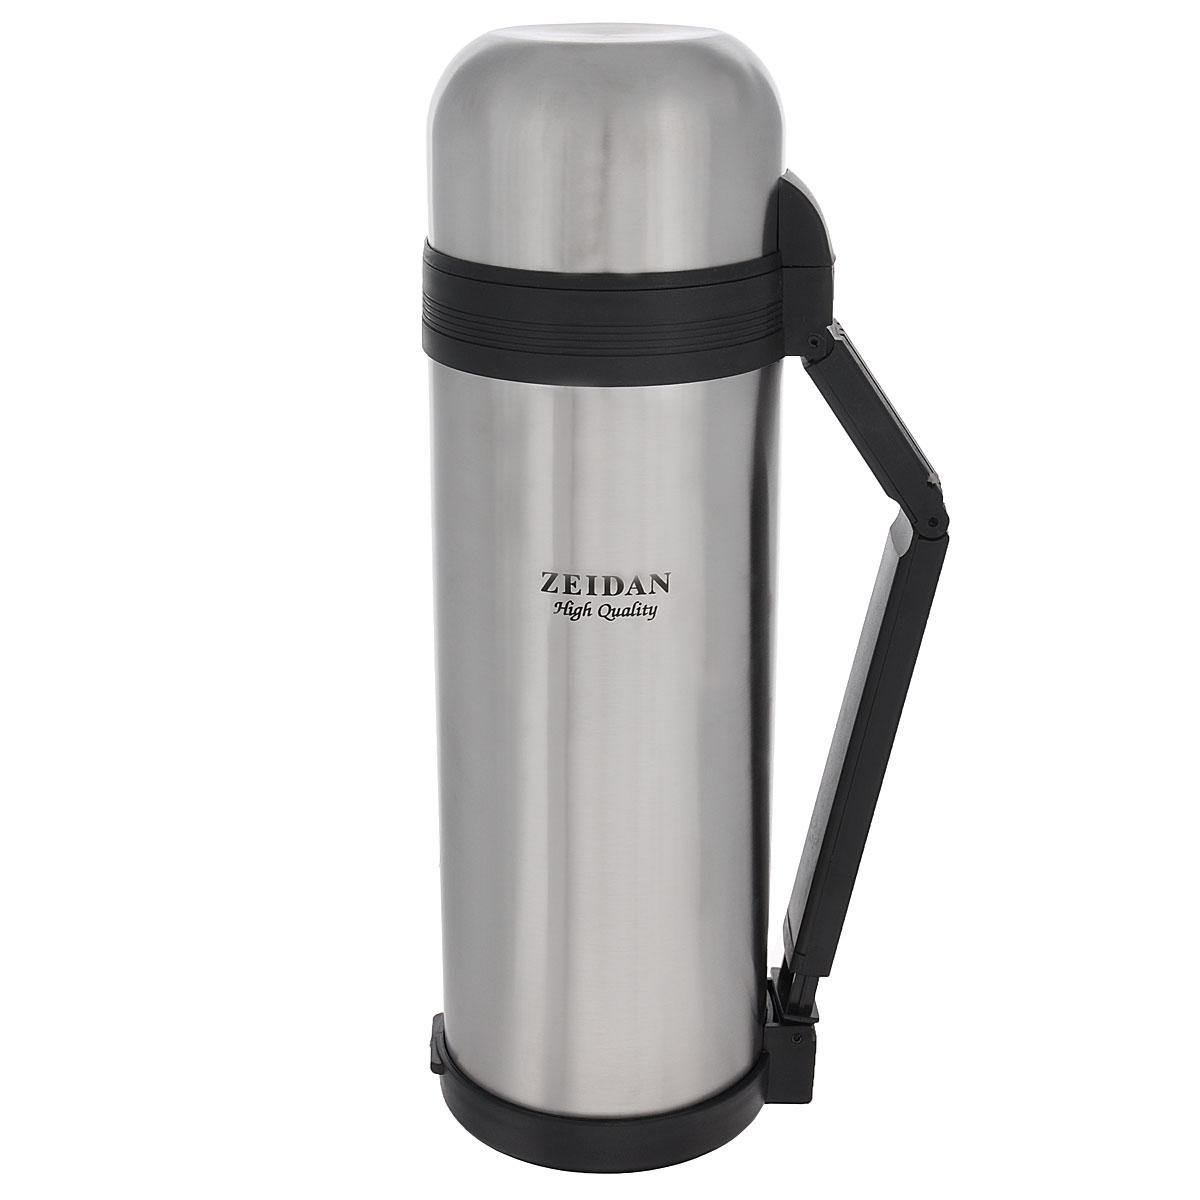 Термос Zeidan Aiden, 1,8 лZ-9016 AidenТермос Zeidan Aiden, изготовленный из высококачественной нержавеющей стали, является простым в использовании, экономичным и многофункциональным. Термос с вакуумной изоляцией, предназначенный для хранения горячих и холодных напитков (чая, кофе). Изделие укомплектовано пробкой с кнопкой. Такая пробка удобна в использовании и позволяет, не отвинчивая ее, наливать напитки после простого нажатия. Изделие также оснащено крышкой-чашкой, дополнительной чашкой, складной ручкой и специальным ремнем для удобной переноски термоса. Легкий и прочный термос Zeidan Aiden сохранит ваши напитки горячими или холодными надолго. Высота (с учетом крышки): 33,5 см. Диаметр горлышка: 7,5 см.